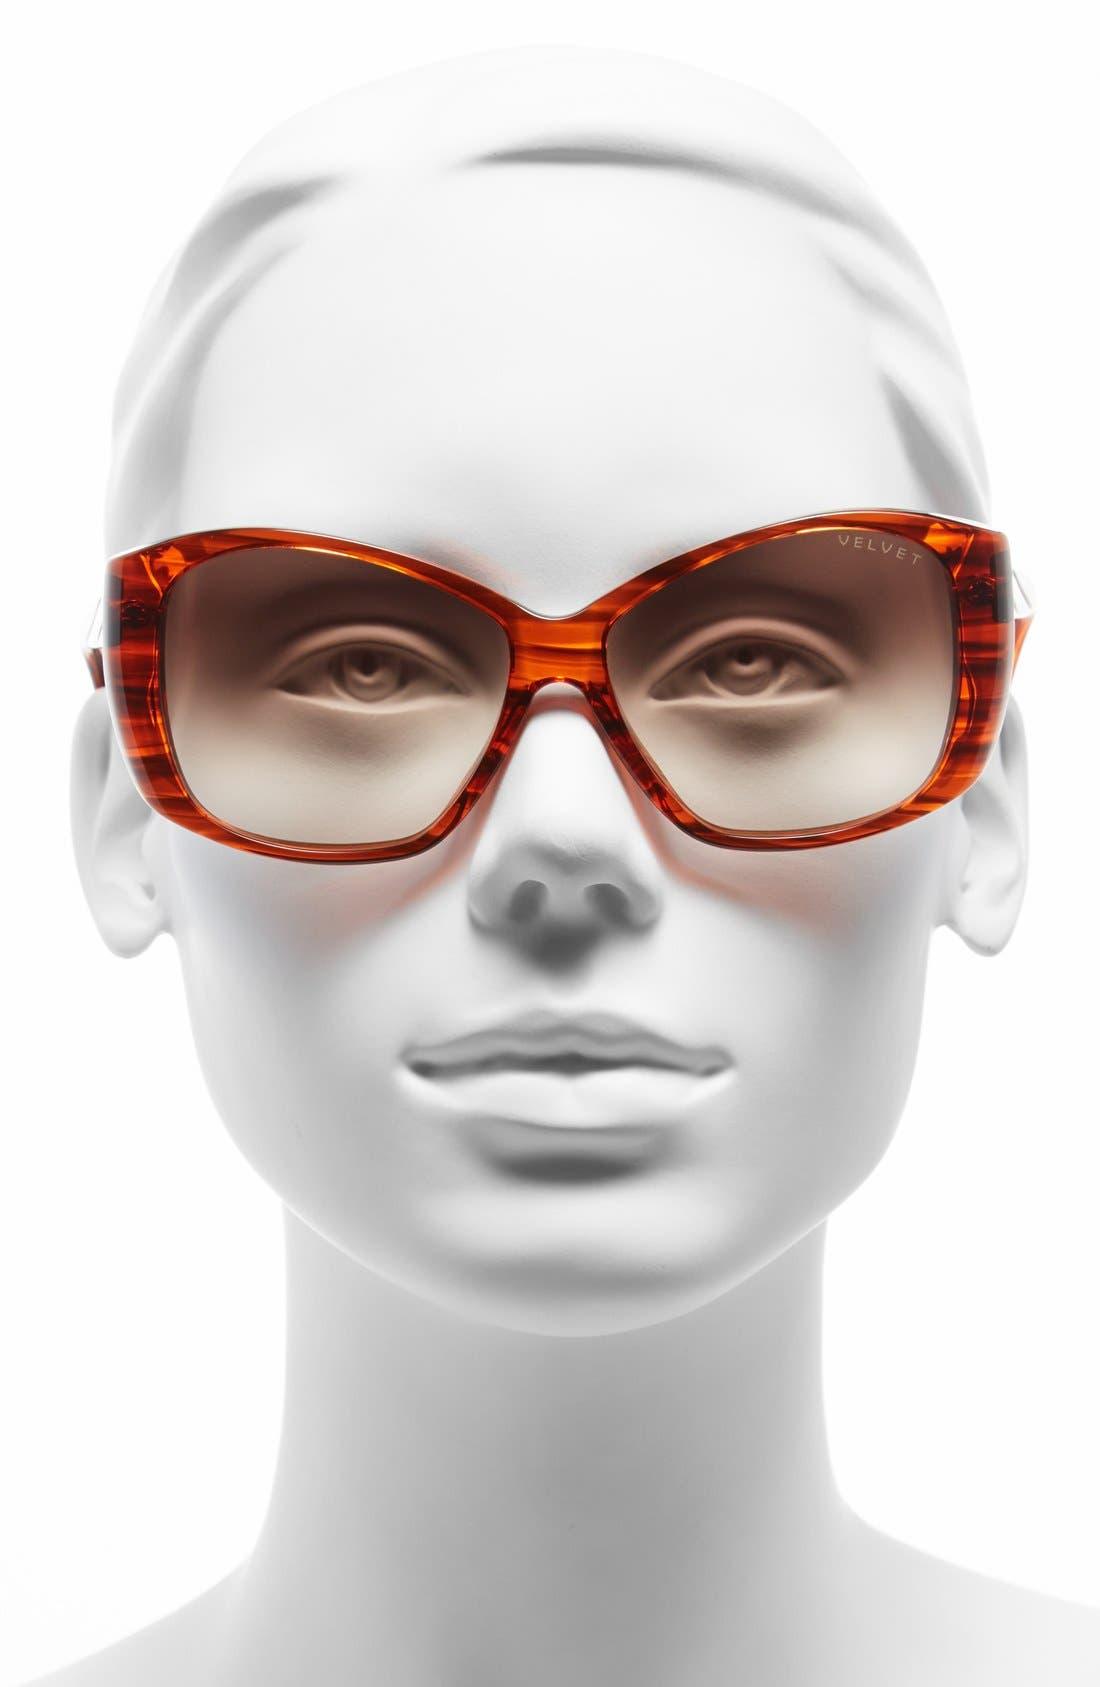 Alternate Image 2  - Velvet Eyewear 'Lucy' 56mm Sunglasses